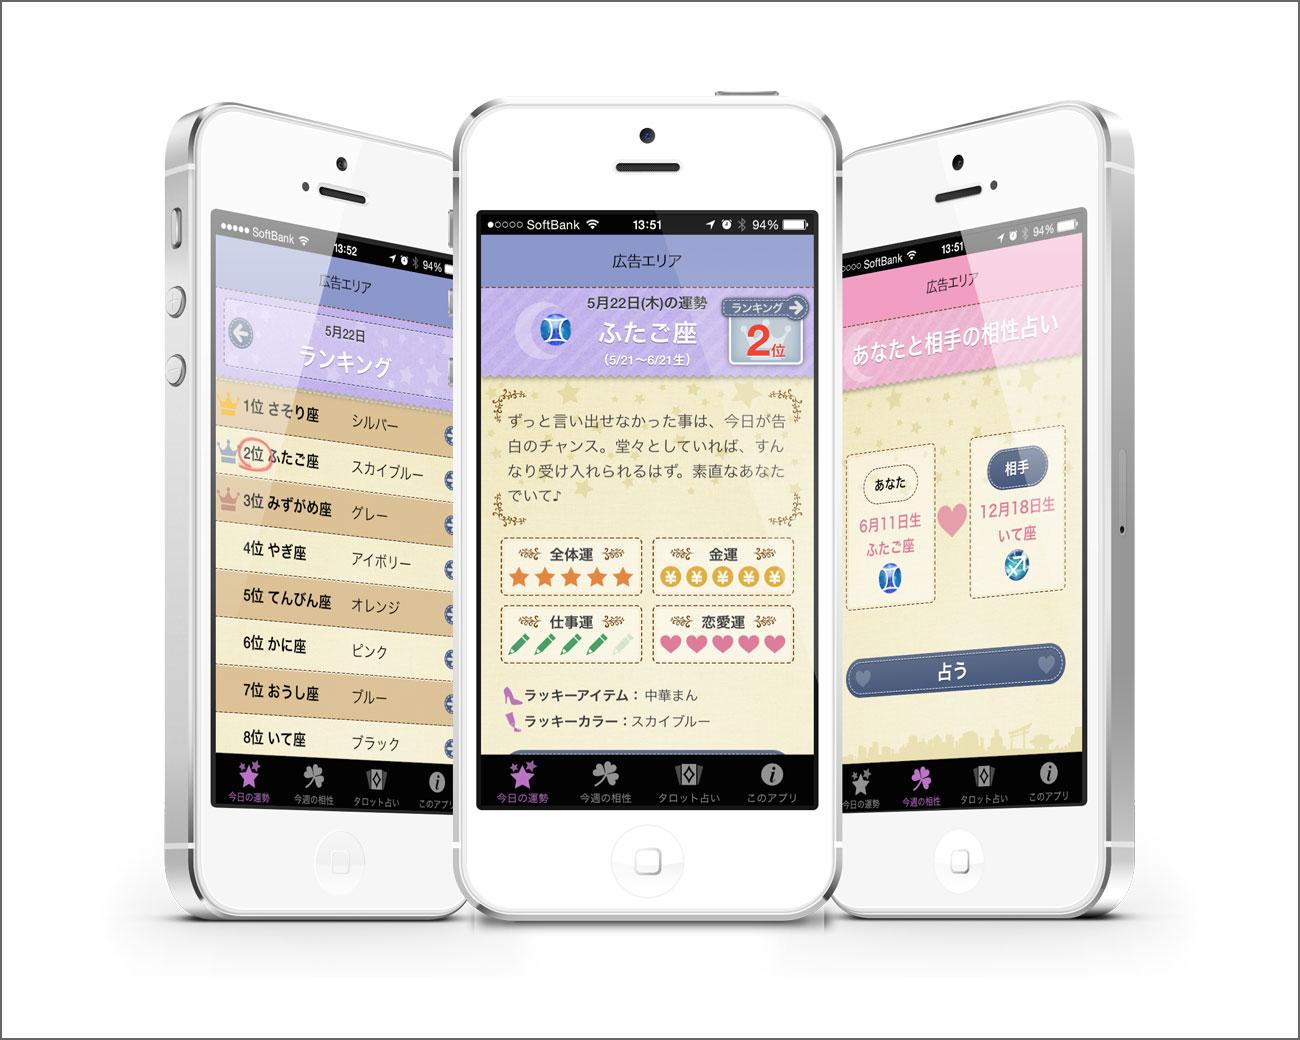 今日の運勢アプリ 主要画面